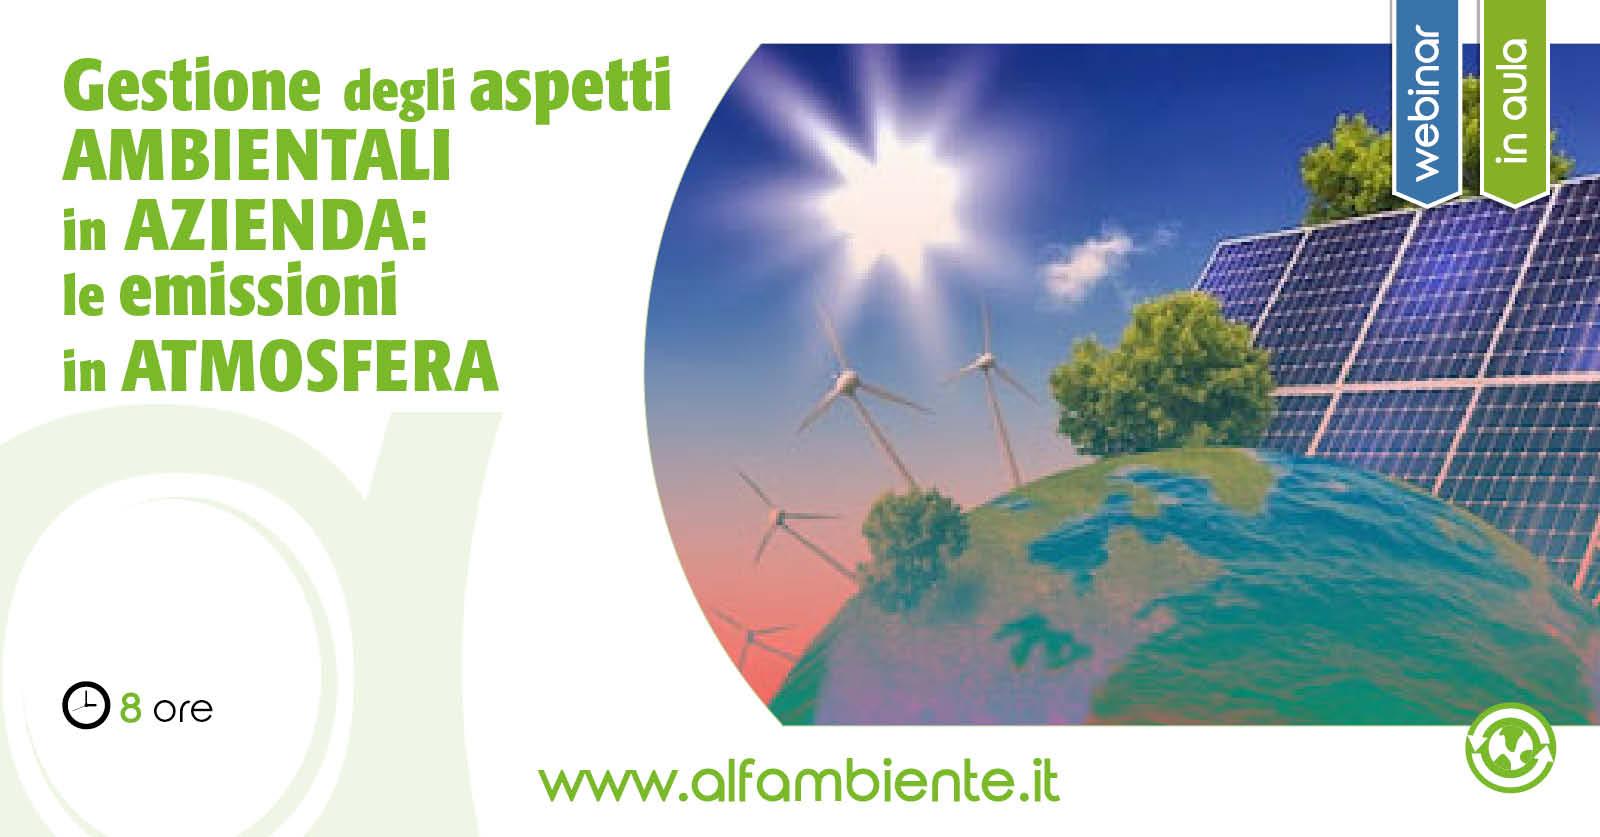 La Gestione degli Aspetti Ambientali in Azienda: Le Emissioni in Atmosfera